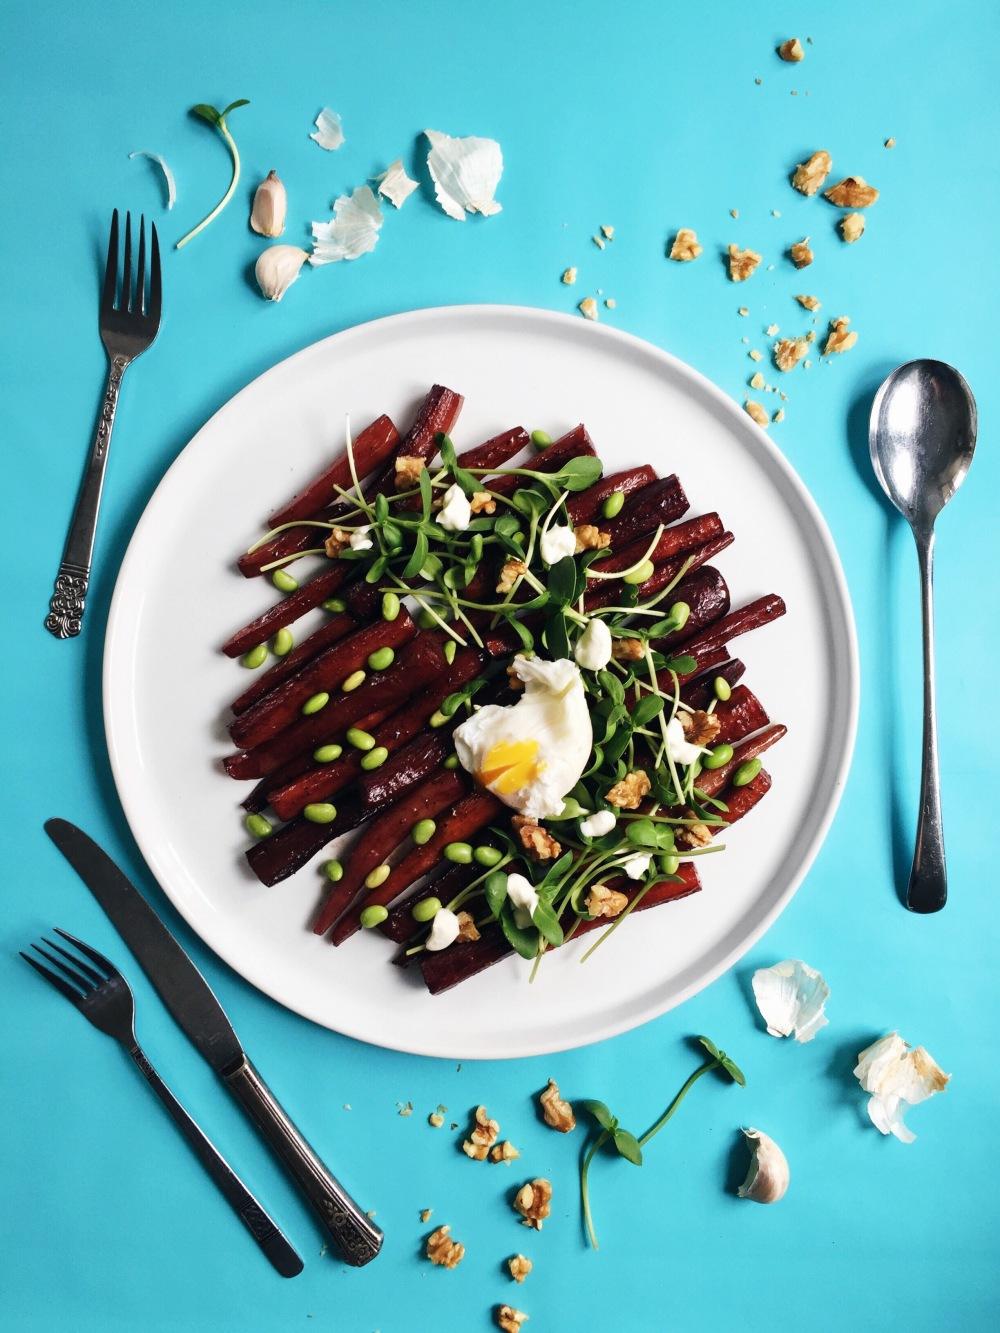 salade de carottes glacées au balsamique, fèves edamames, oeuf poché, crème sûre et noix